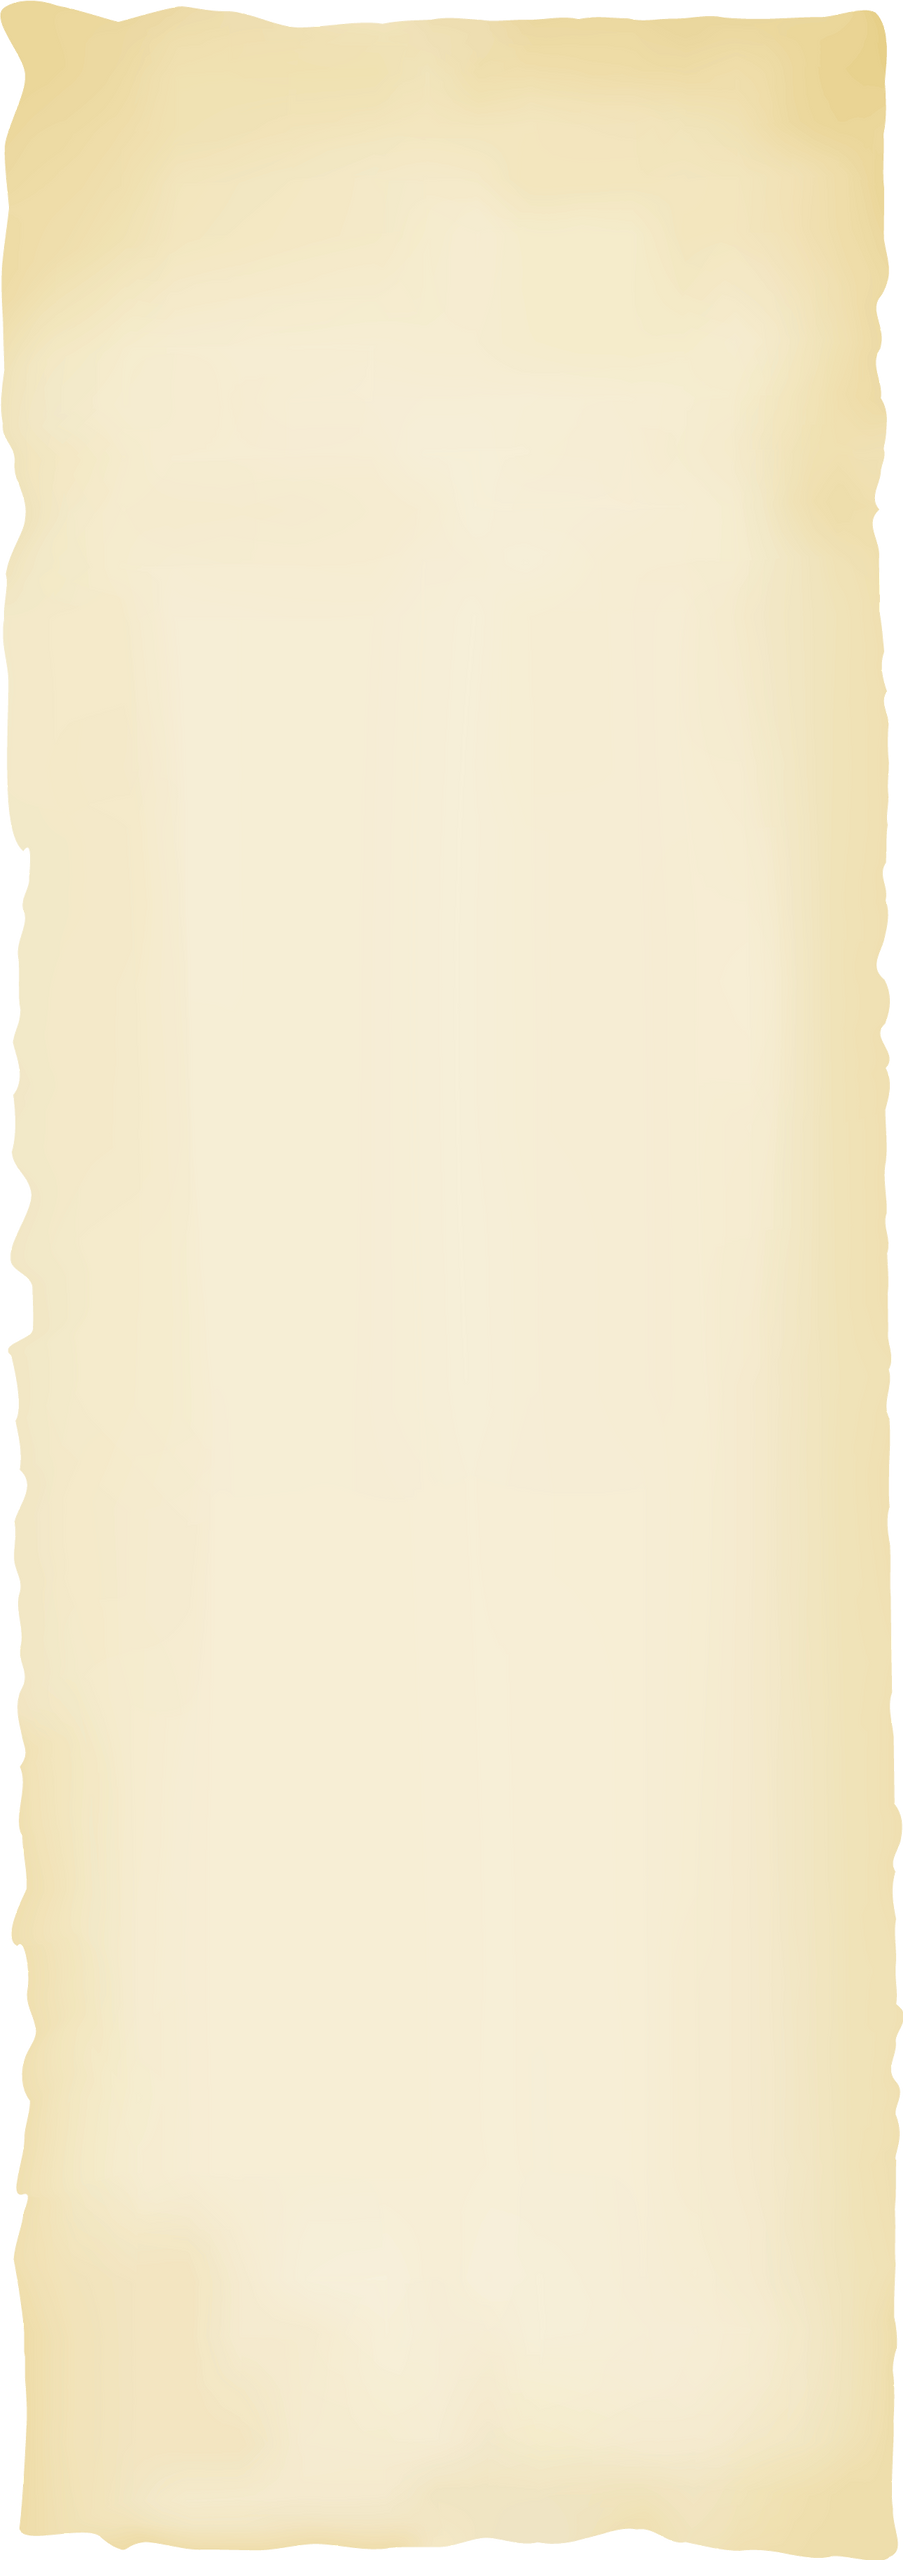 巻物03.png